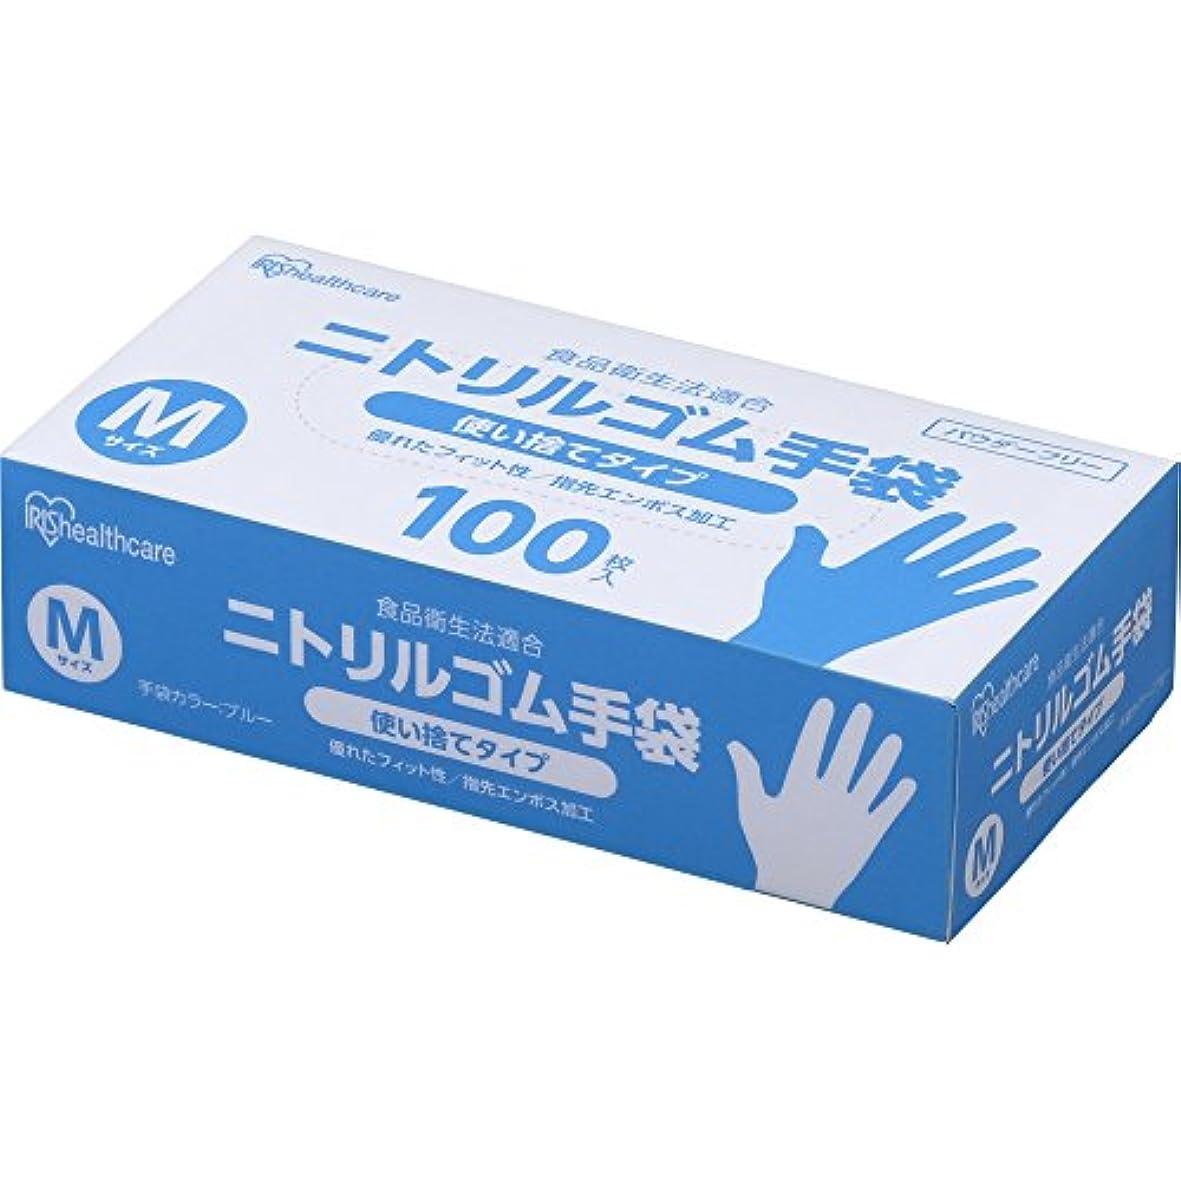 数値難破船粒子アイリスオーヤマ 使い捨て手袋 ブルー ニトリルゴム 100枚 Mサイズ 業務用